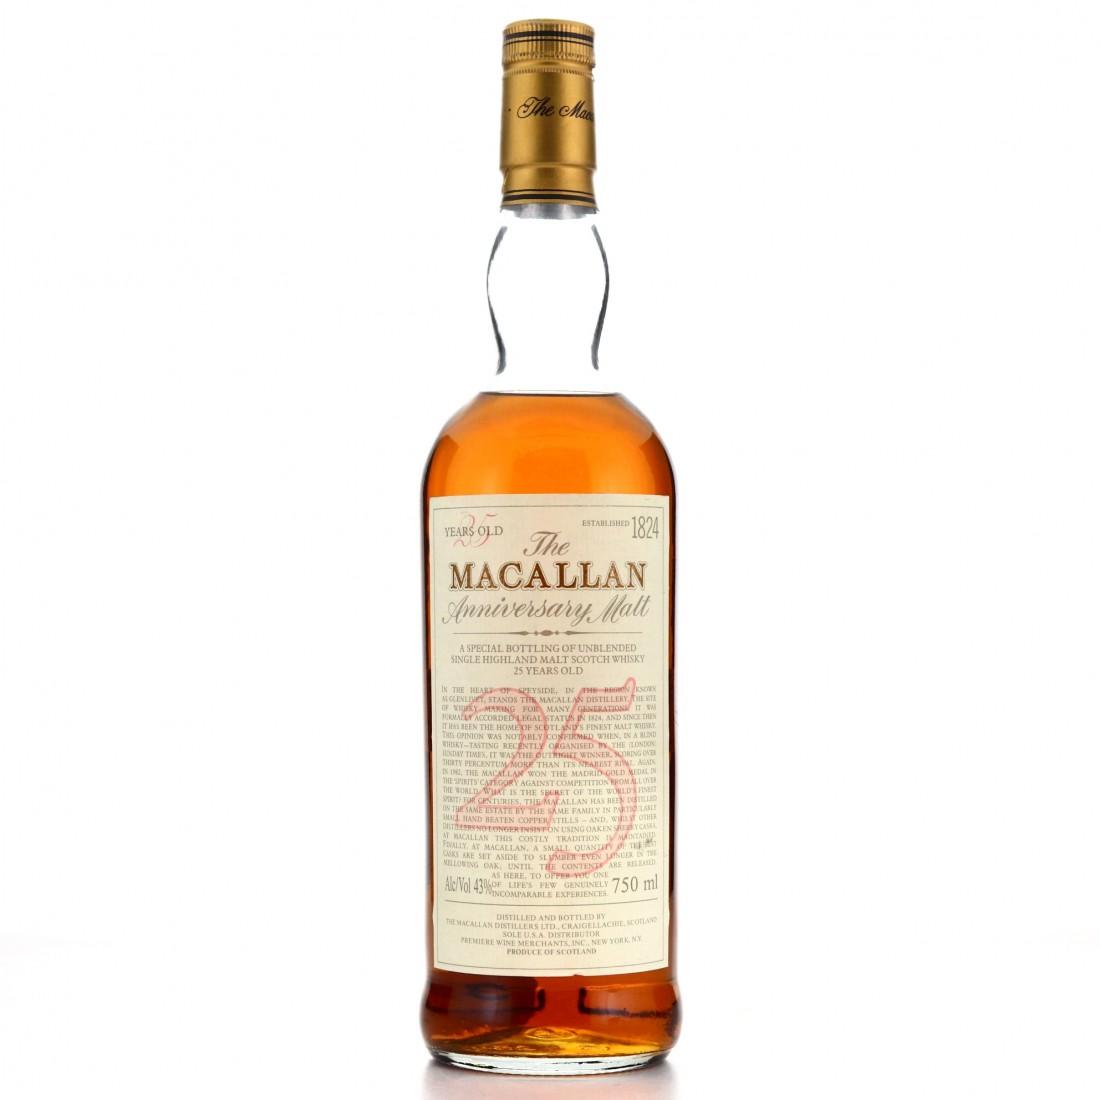 Macallan 25 Year Old Anniversary Malt 1980s / Premiere Wine Merchants, US